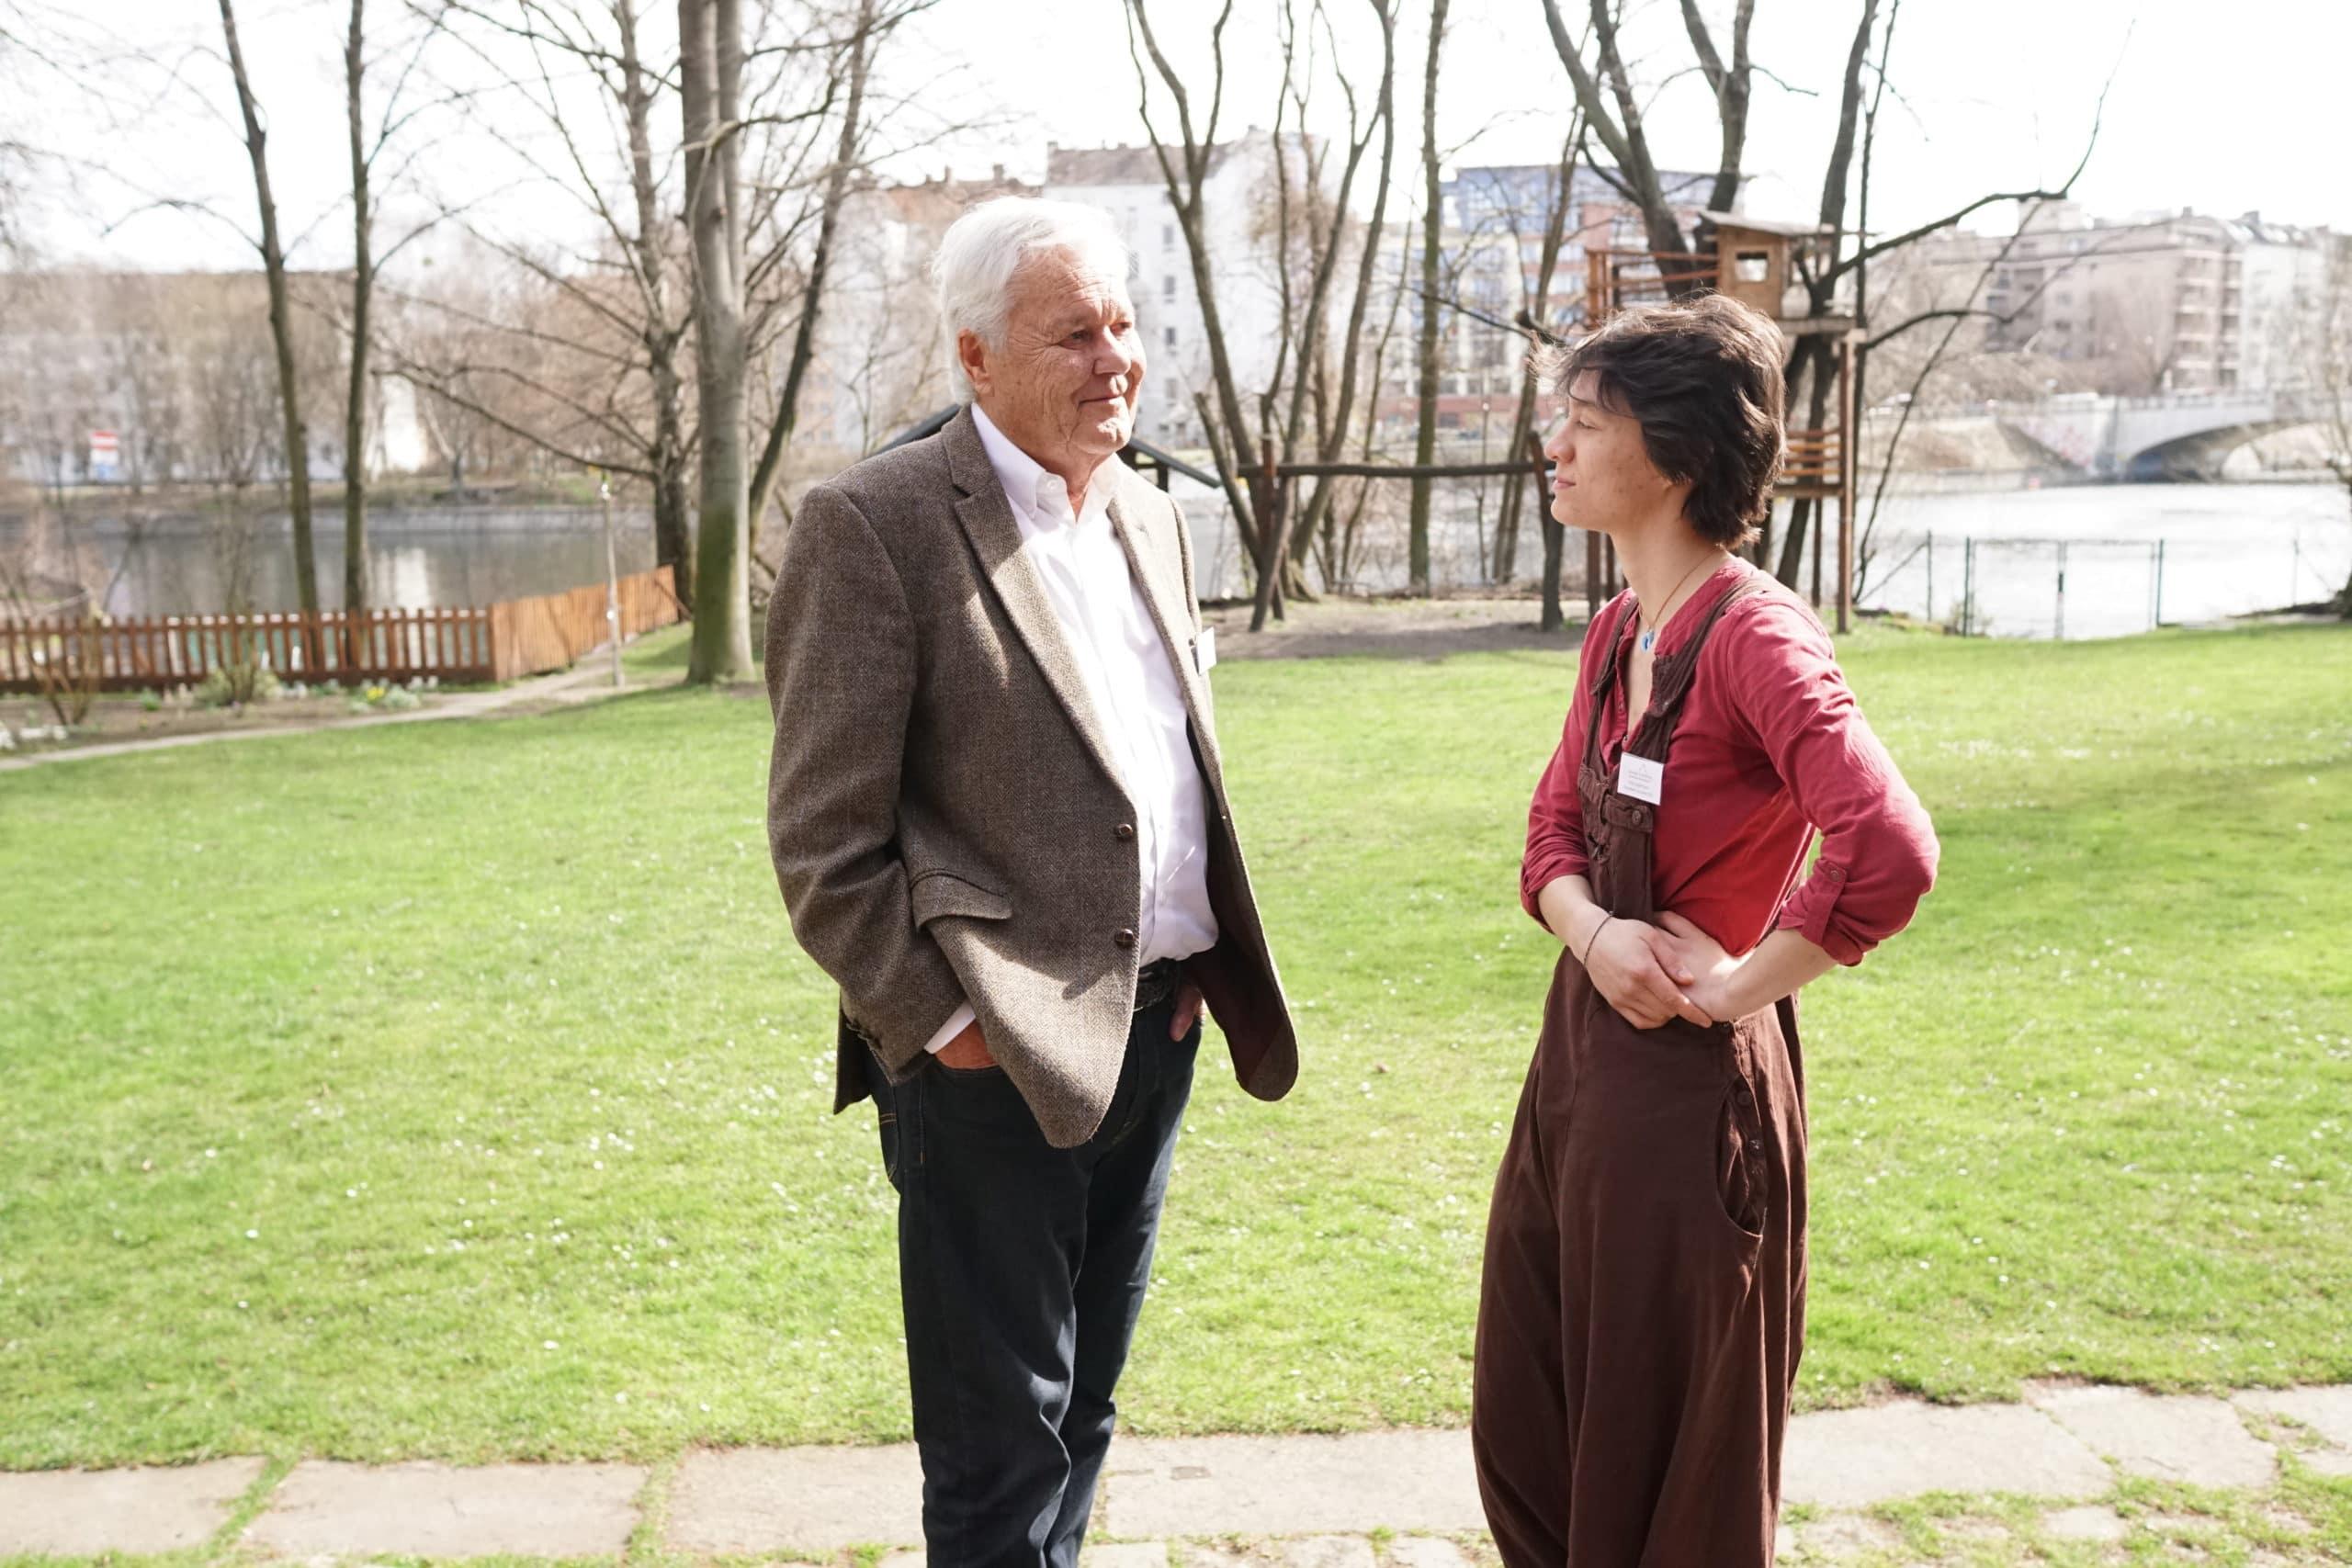 Peter Ackermann im Gespräch mit einer ehemaligen Stipendiatin